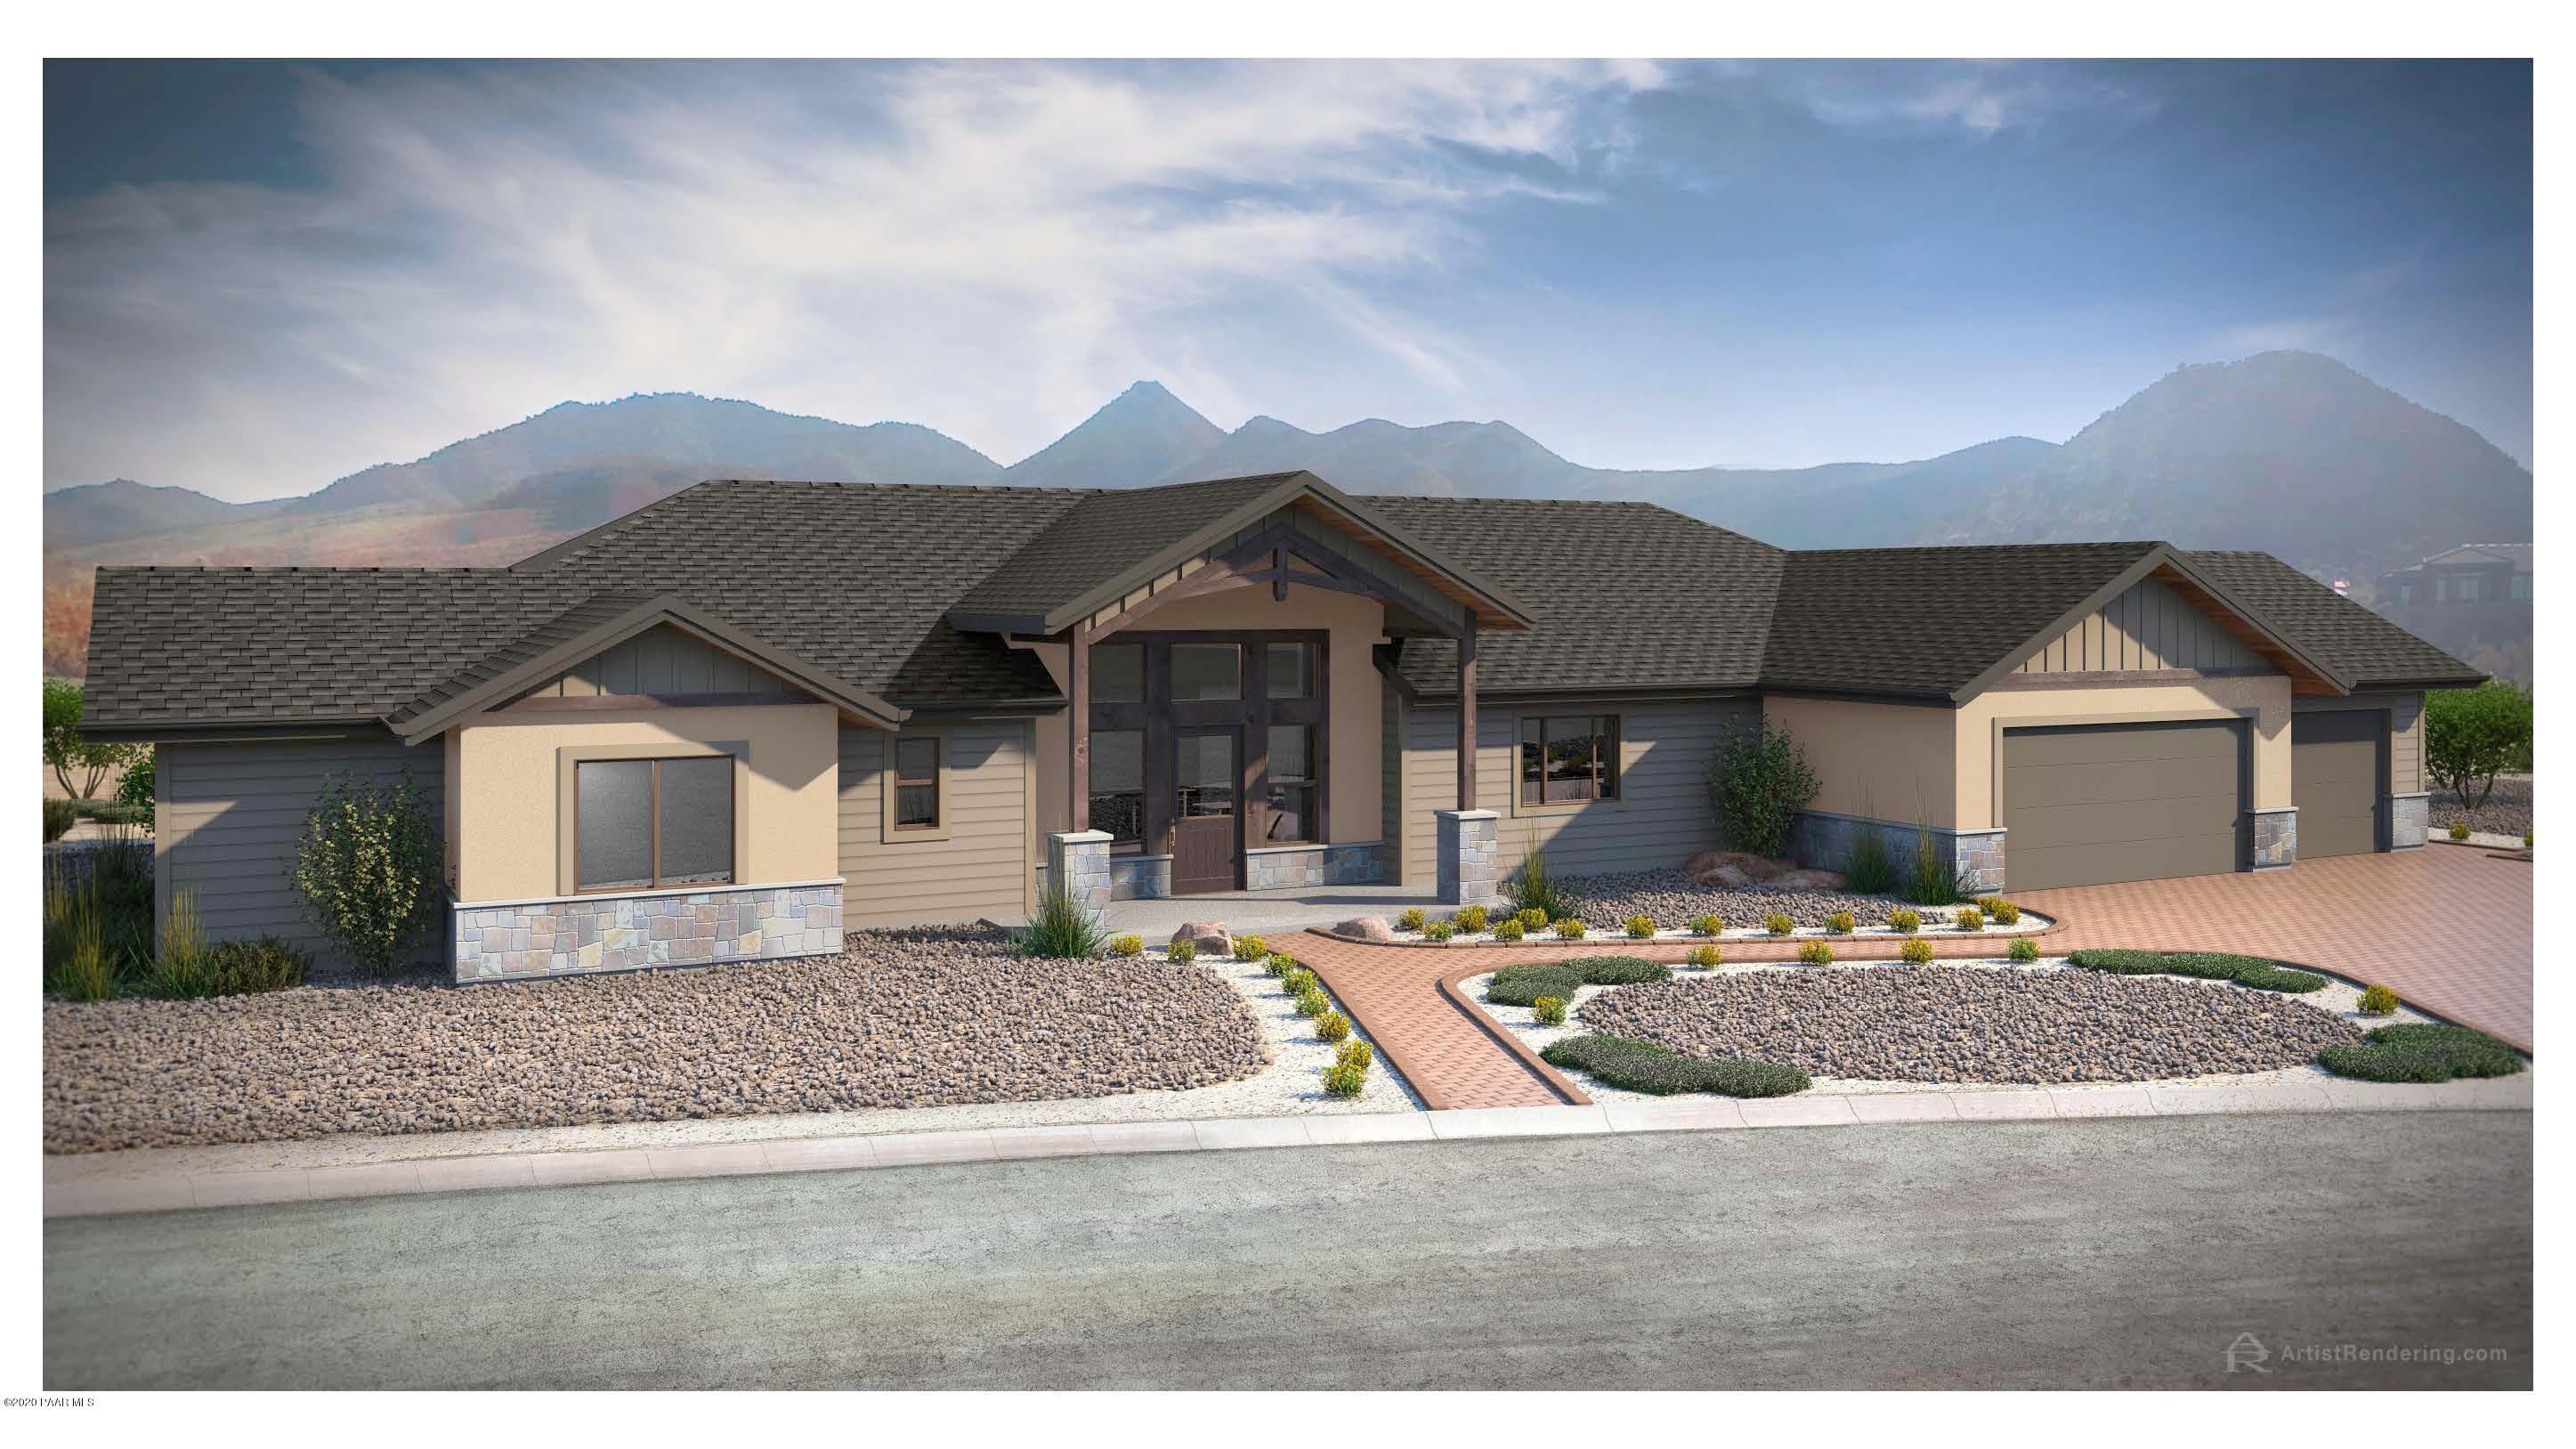 Photo of 7839 Bravo, Prescott Valley, AZ 86314